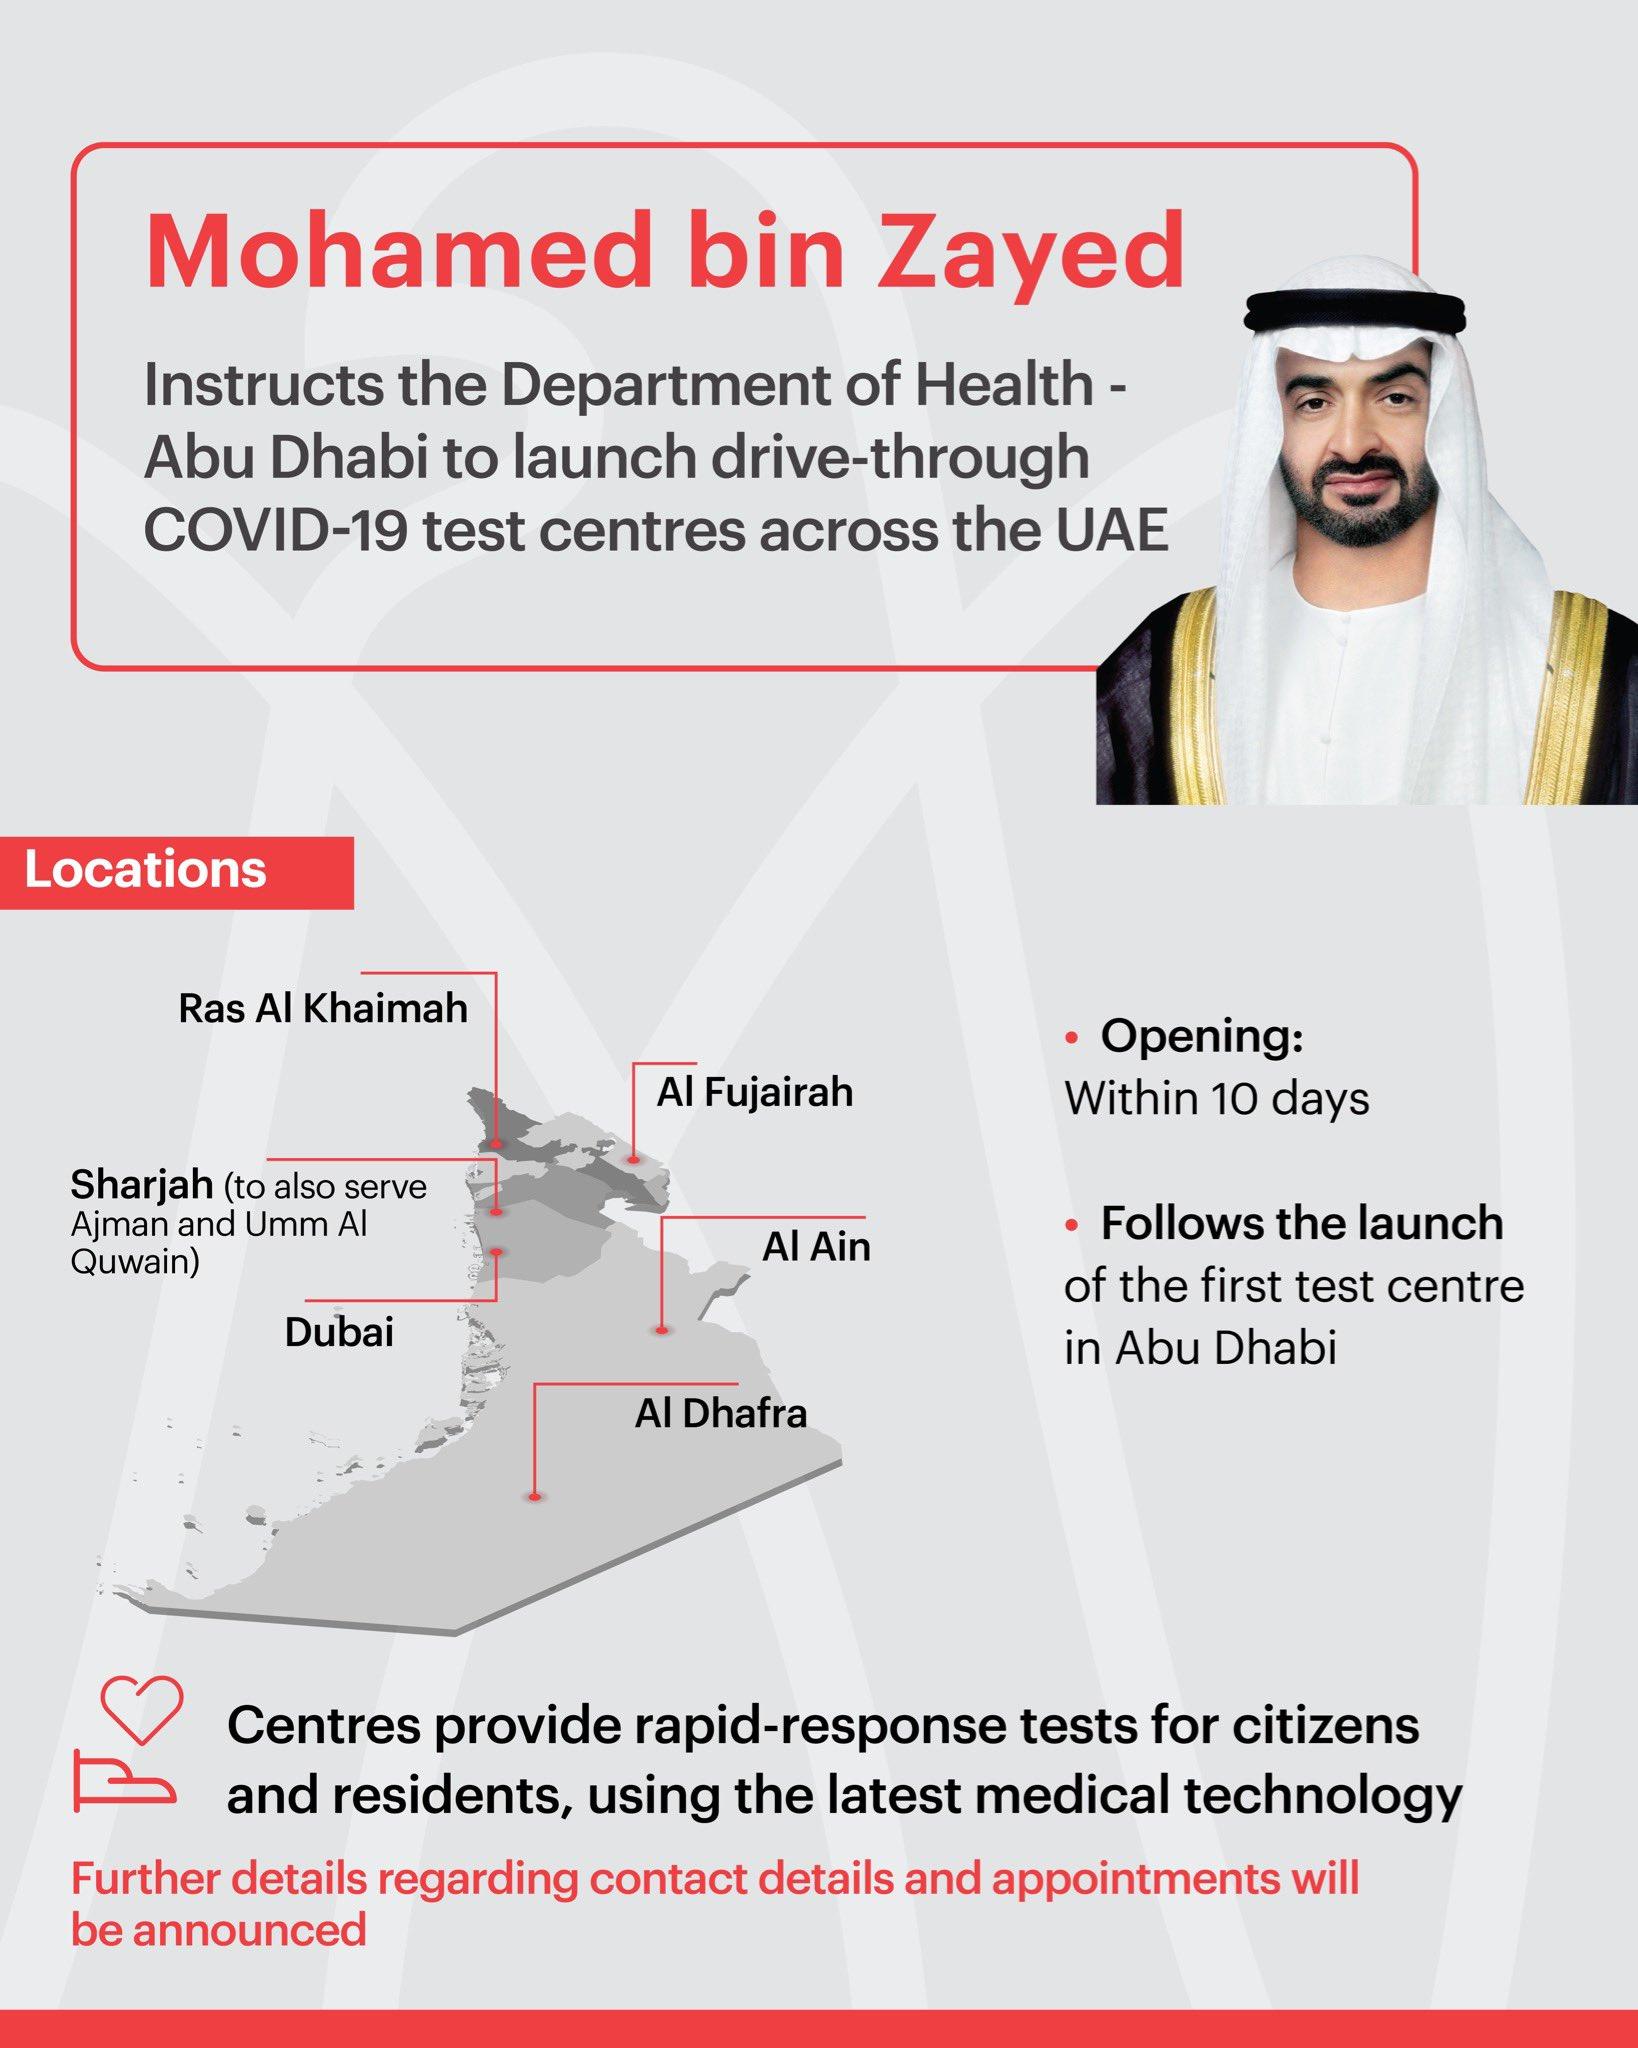 阿联酋将再建多个新冠病毒移动检测中心